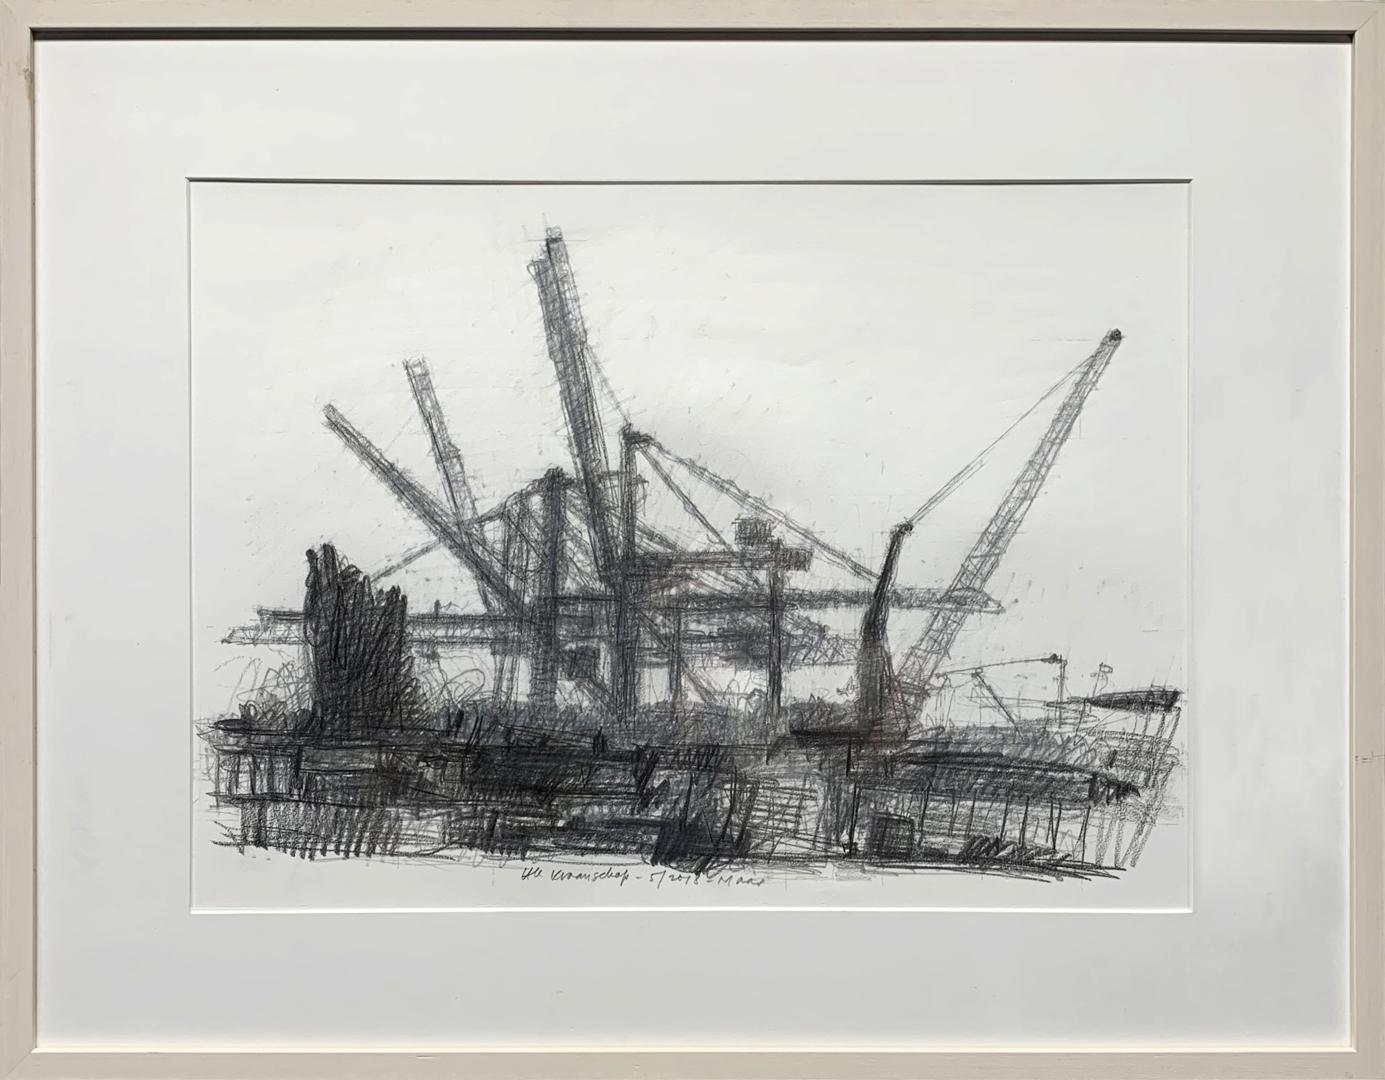 Cranescape, Rotterdam image